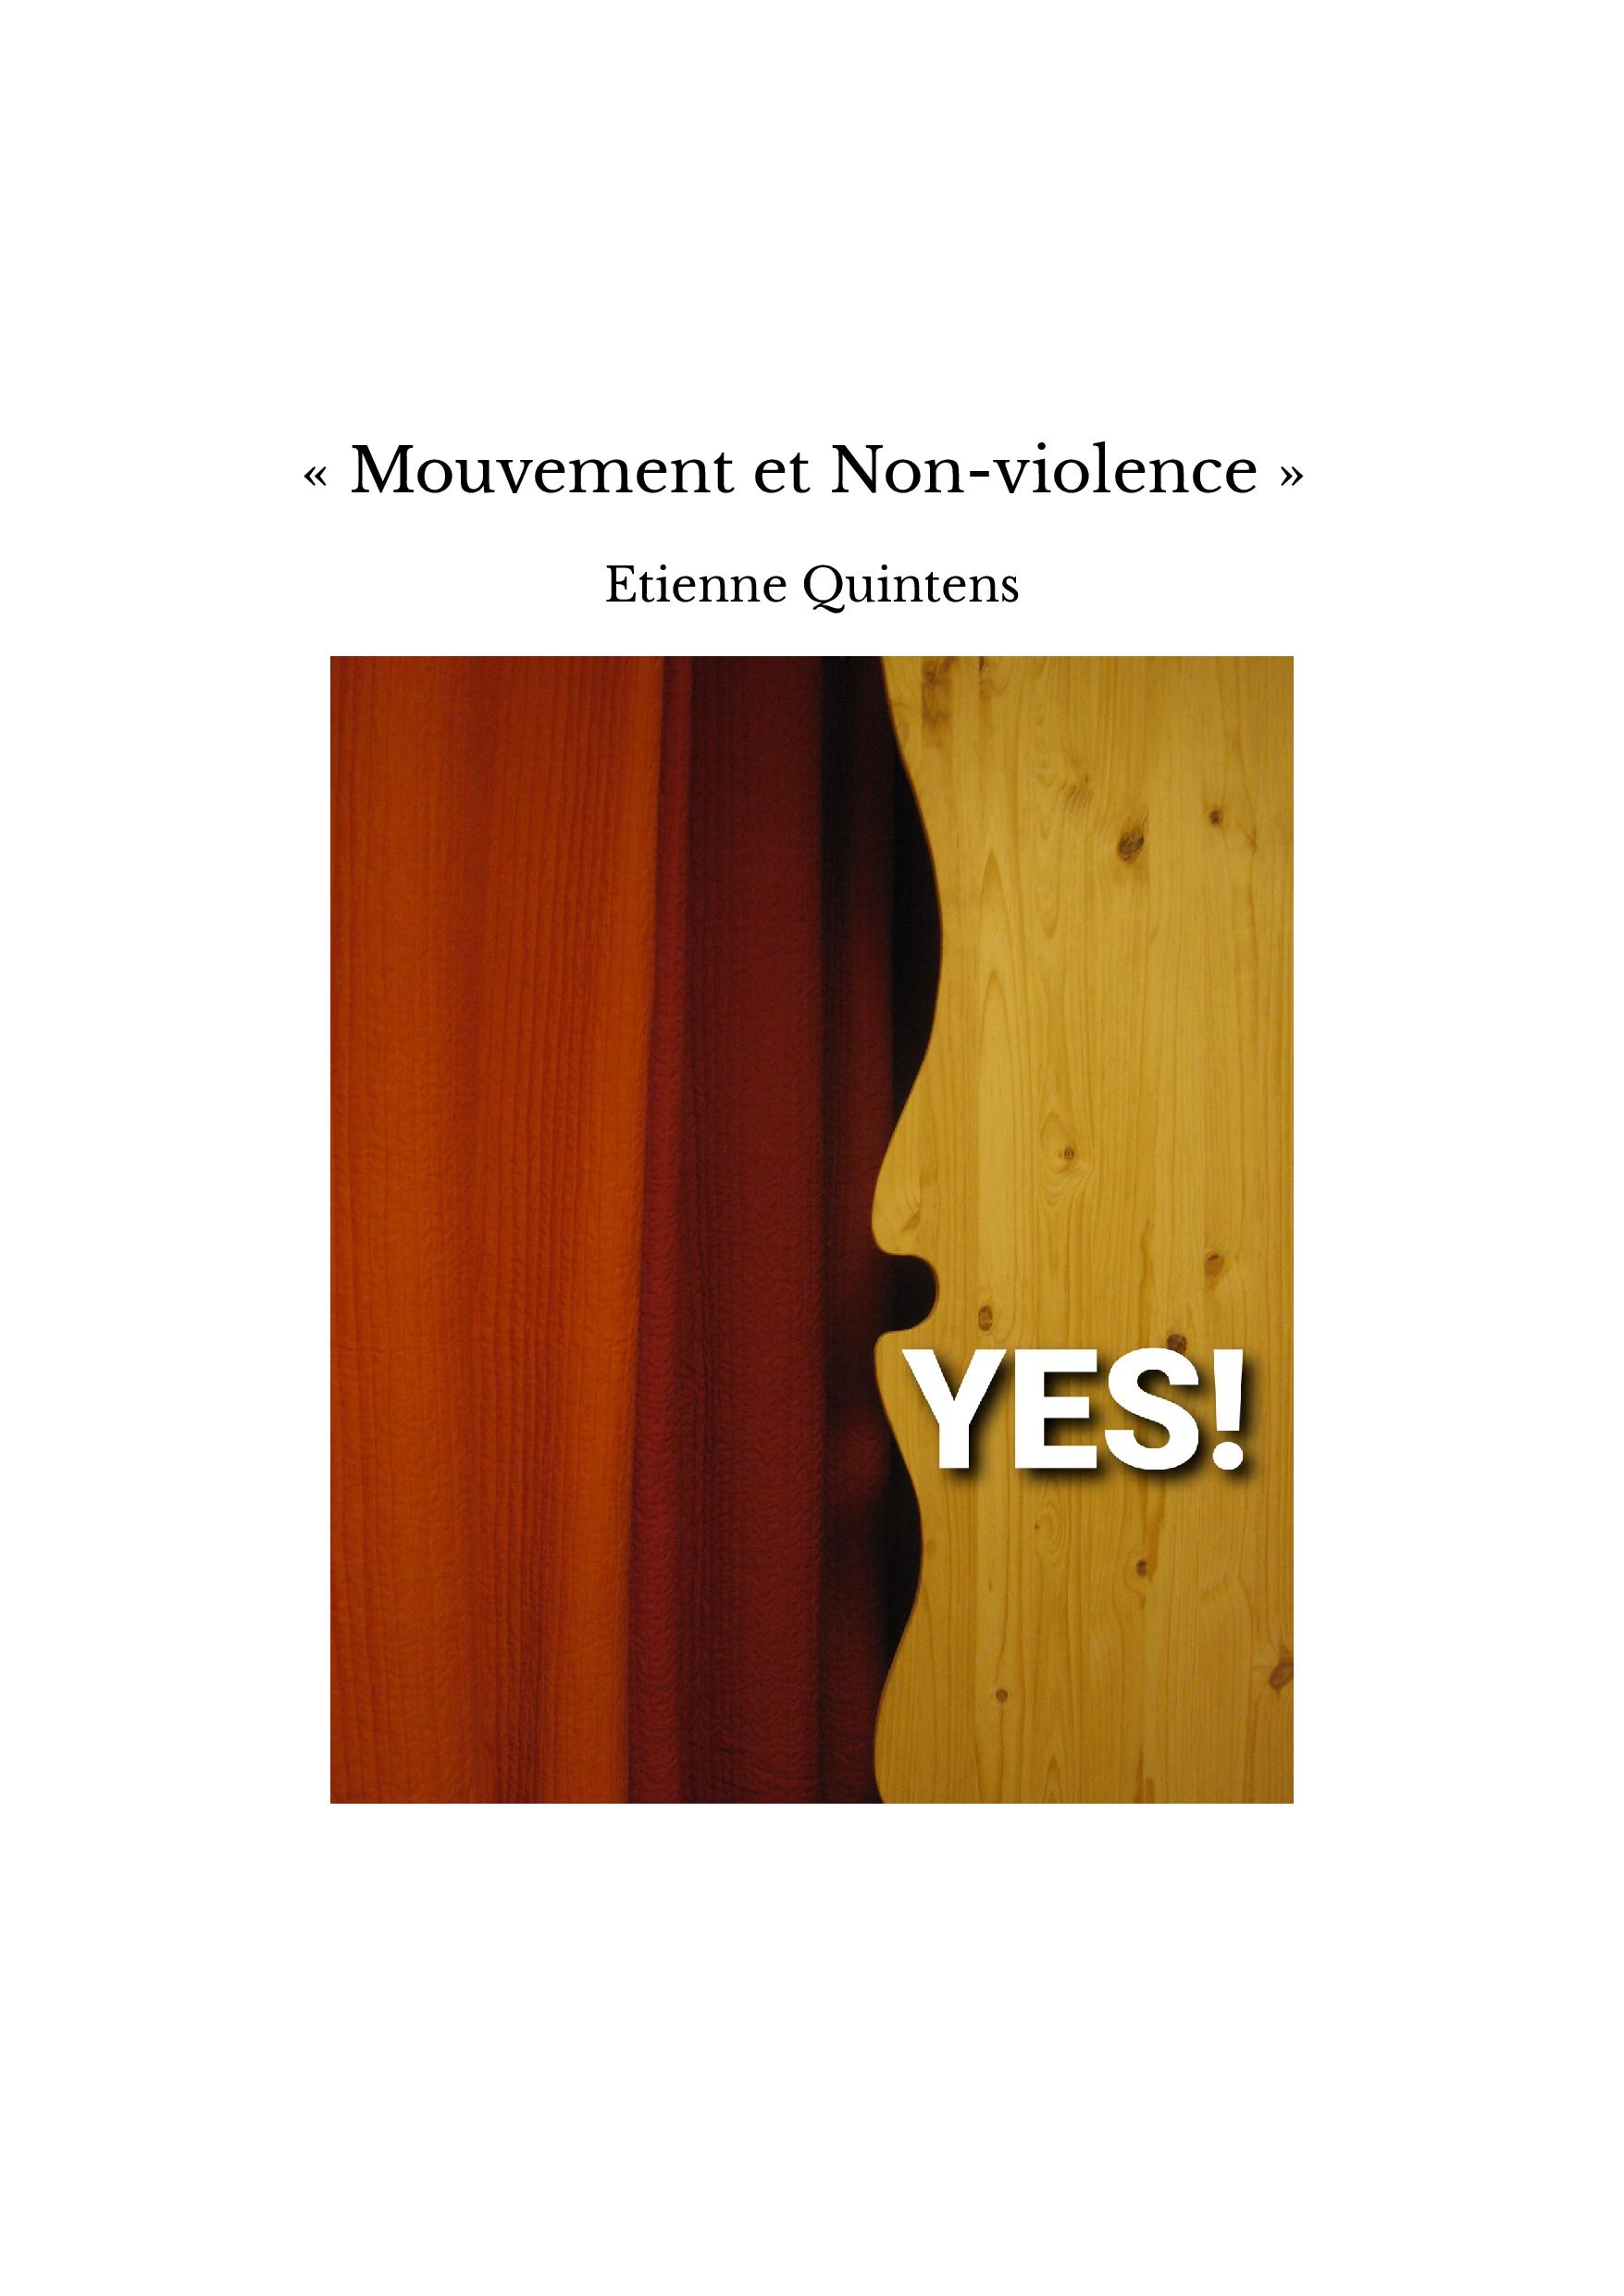 «Mouvement et Non-violence»